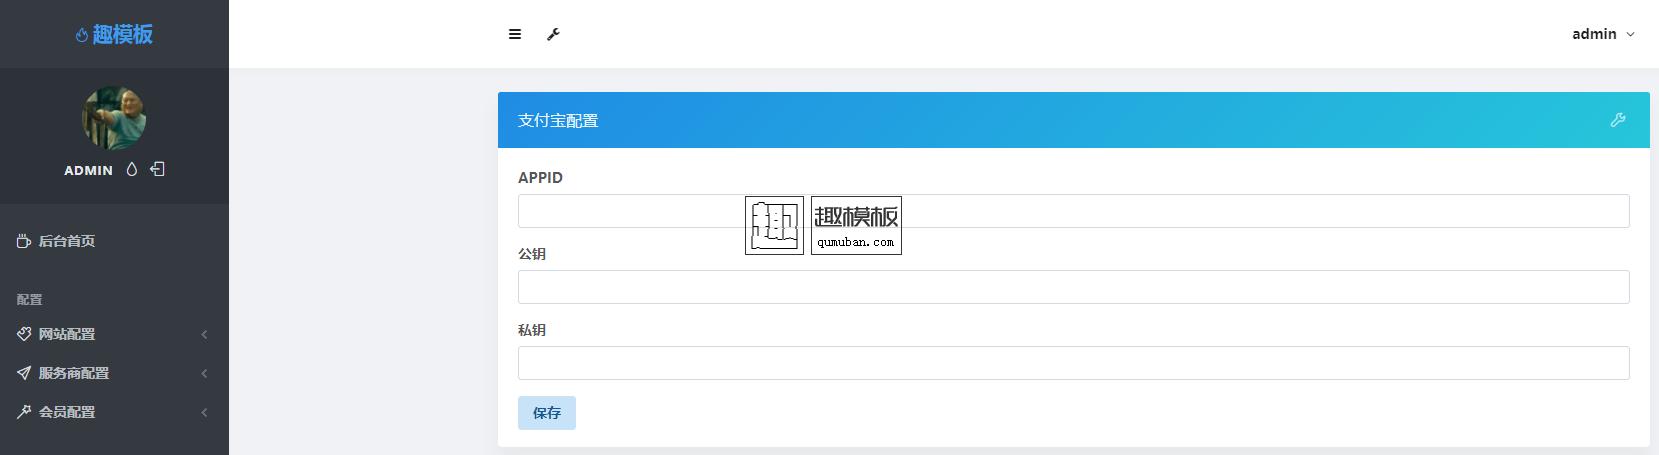 可直接运营的小微商户系统源码 支持1账号多商户 微信服务商专用支付网站源码